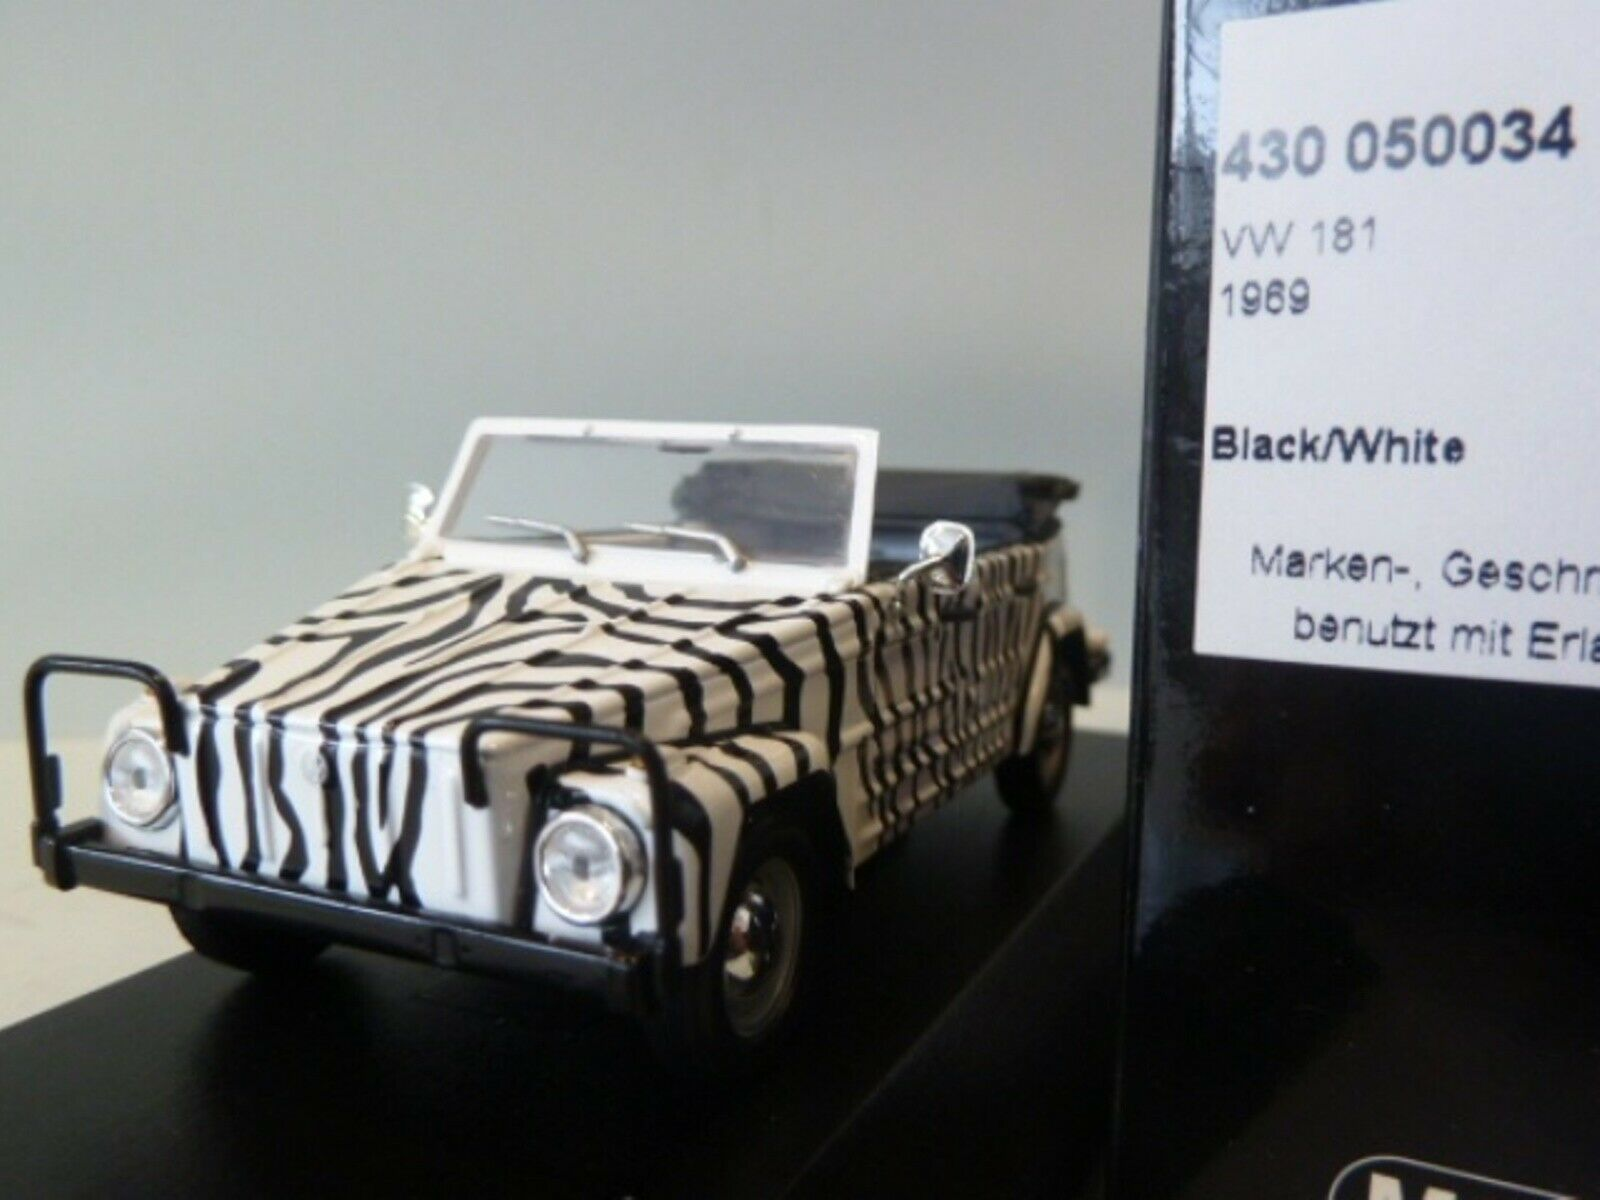 Vw Volkswagen 181 Kubelwagen 4x4 1969 Minichamps 1 43 430050035 For Sale Online Ebay